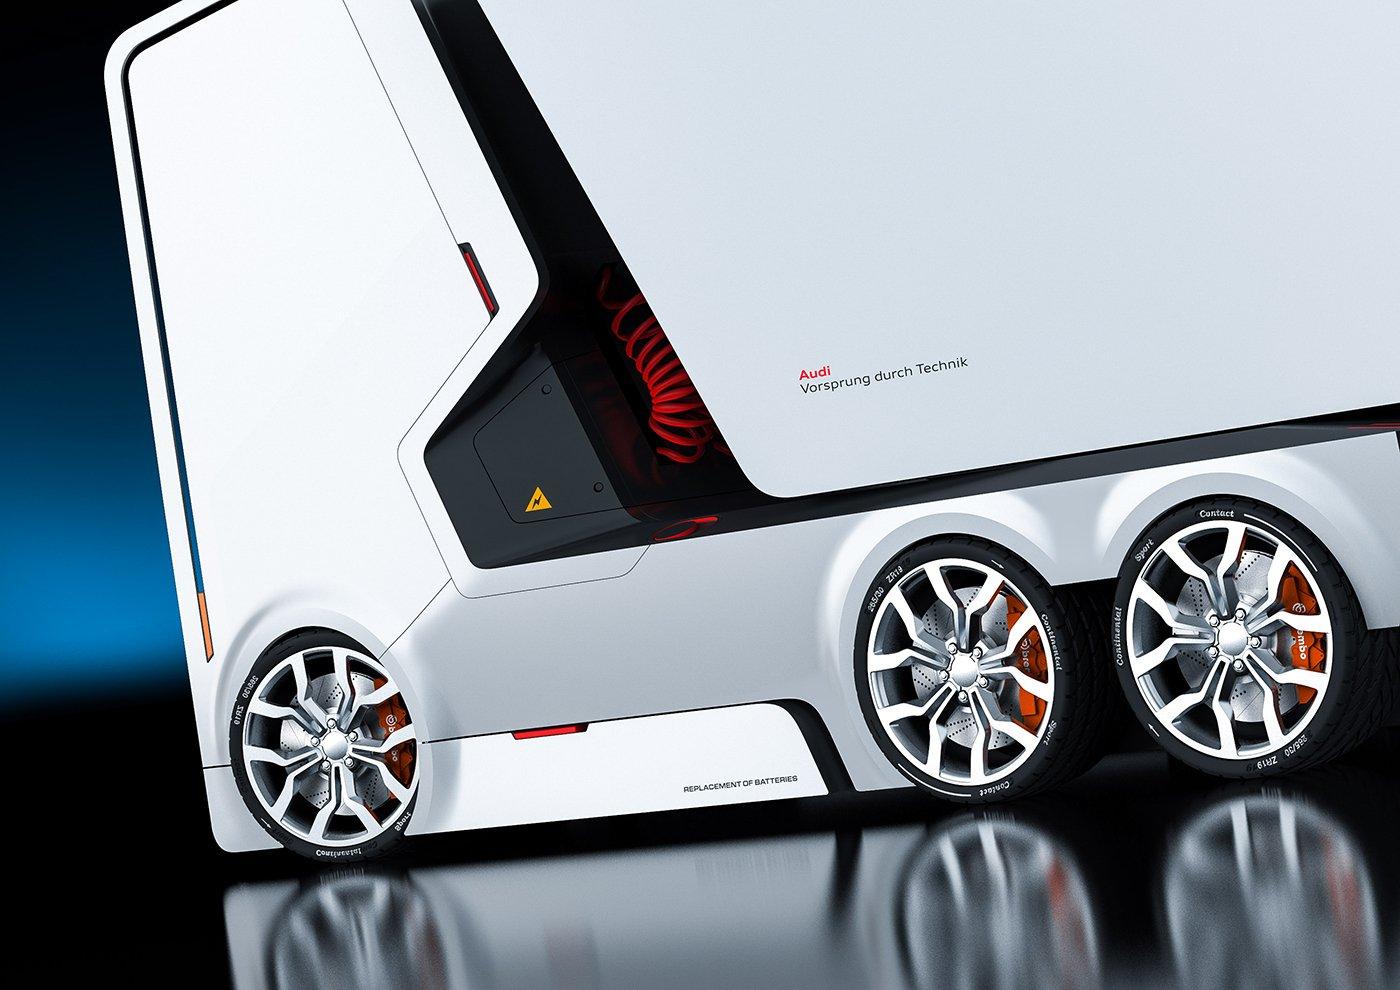 Der Entwurf für einen Audi-Truck wird von Elektromotoren angetrieben.